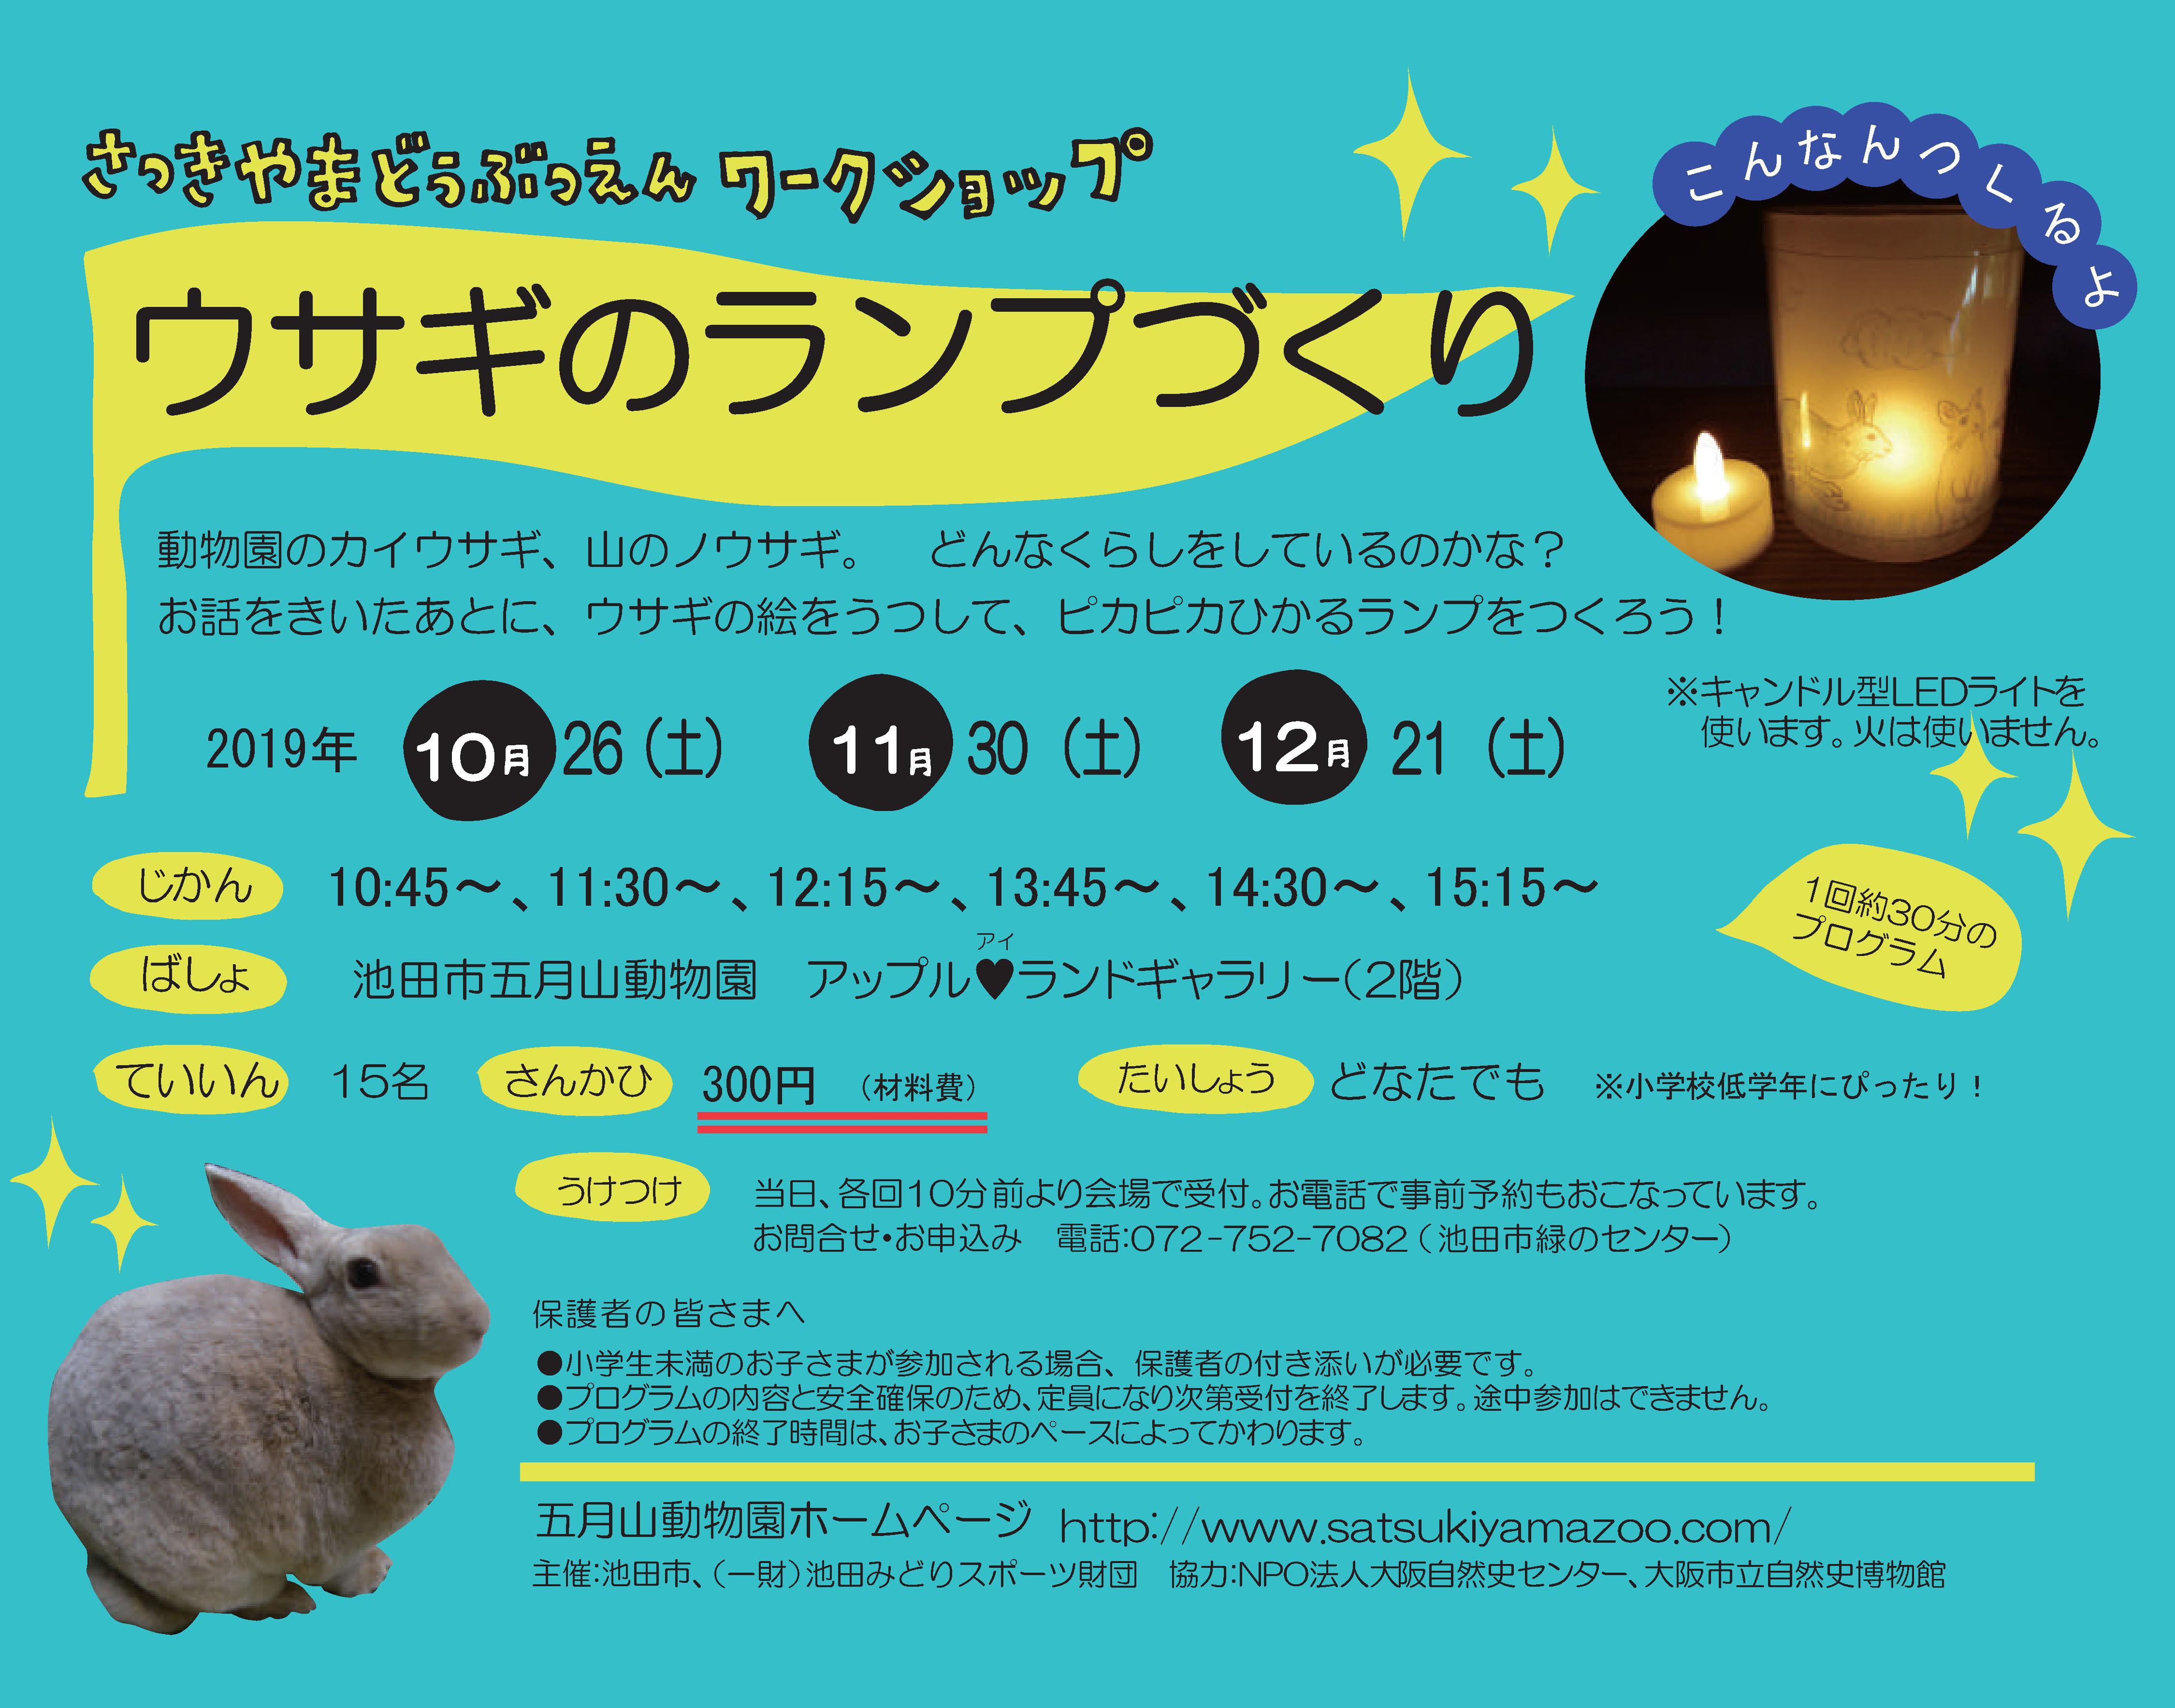 blog NEW ウサギのランプ看板2-圧縮済み.jpg